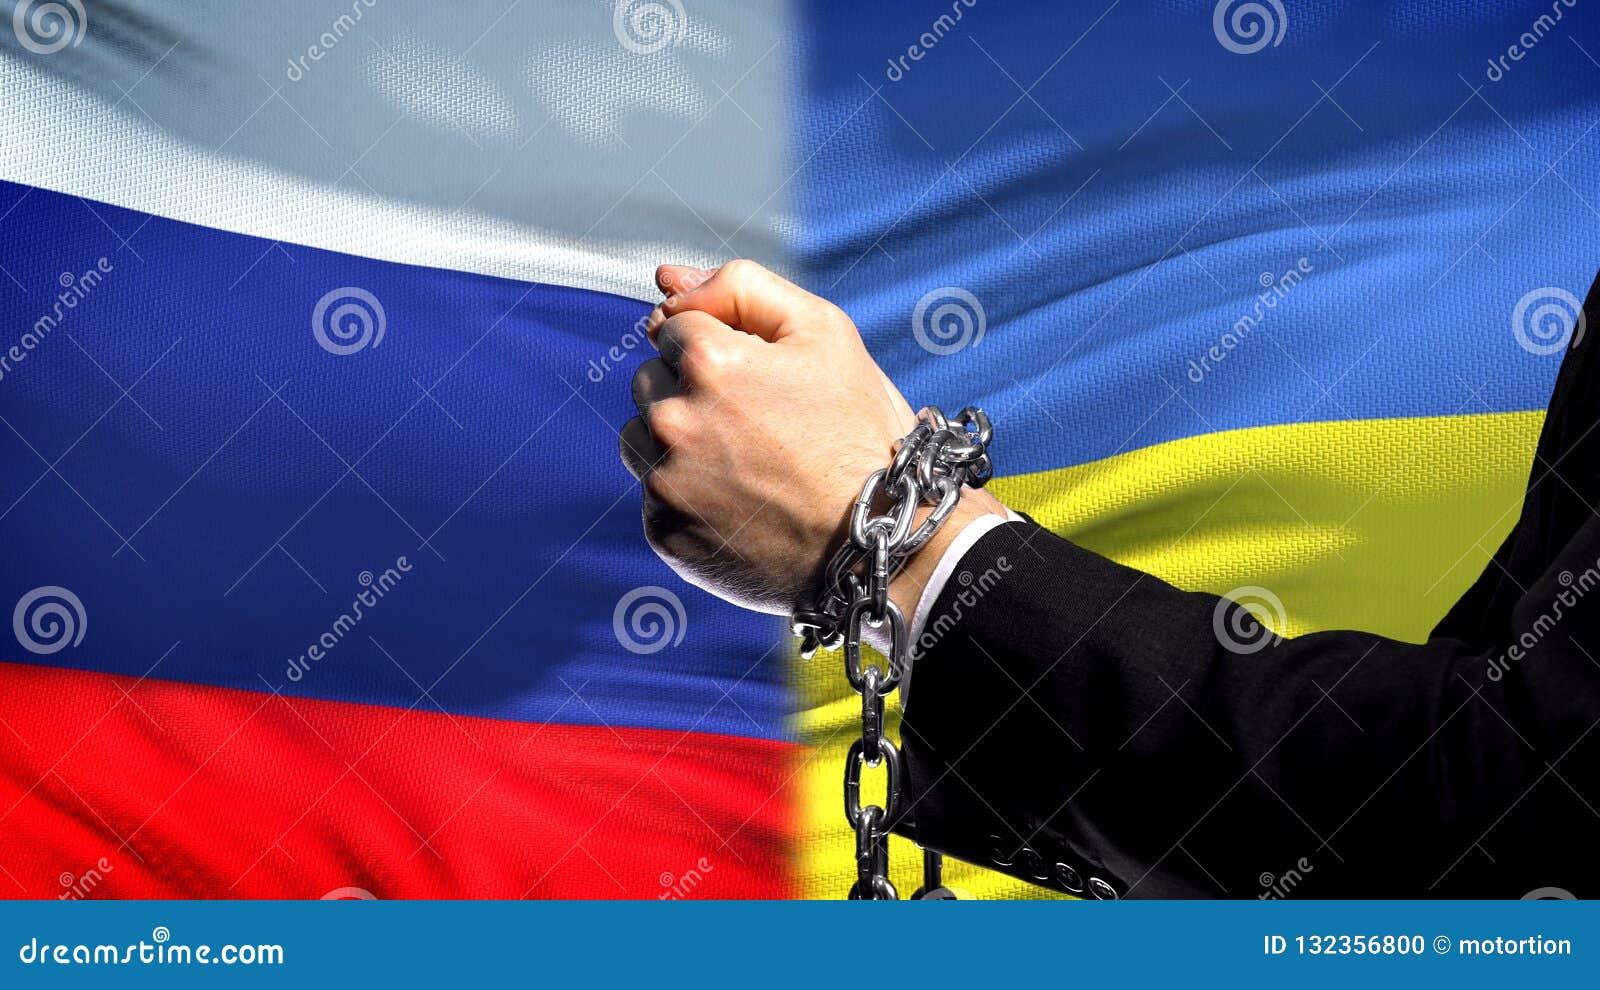 Rosja sankcjonuje Ukraina, konflikt, przykuwającego ręk, politycznego lub ekonomicznego, biznes